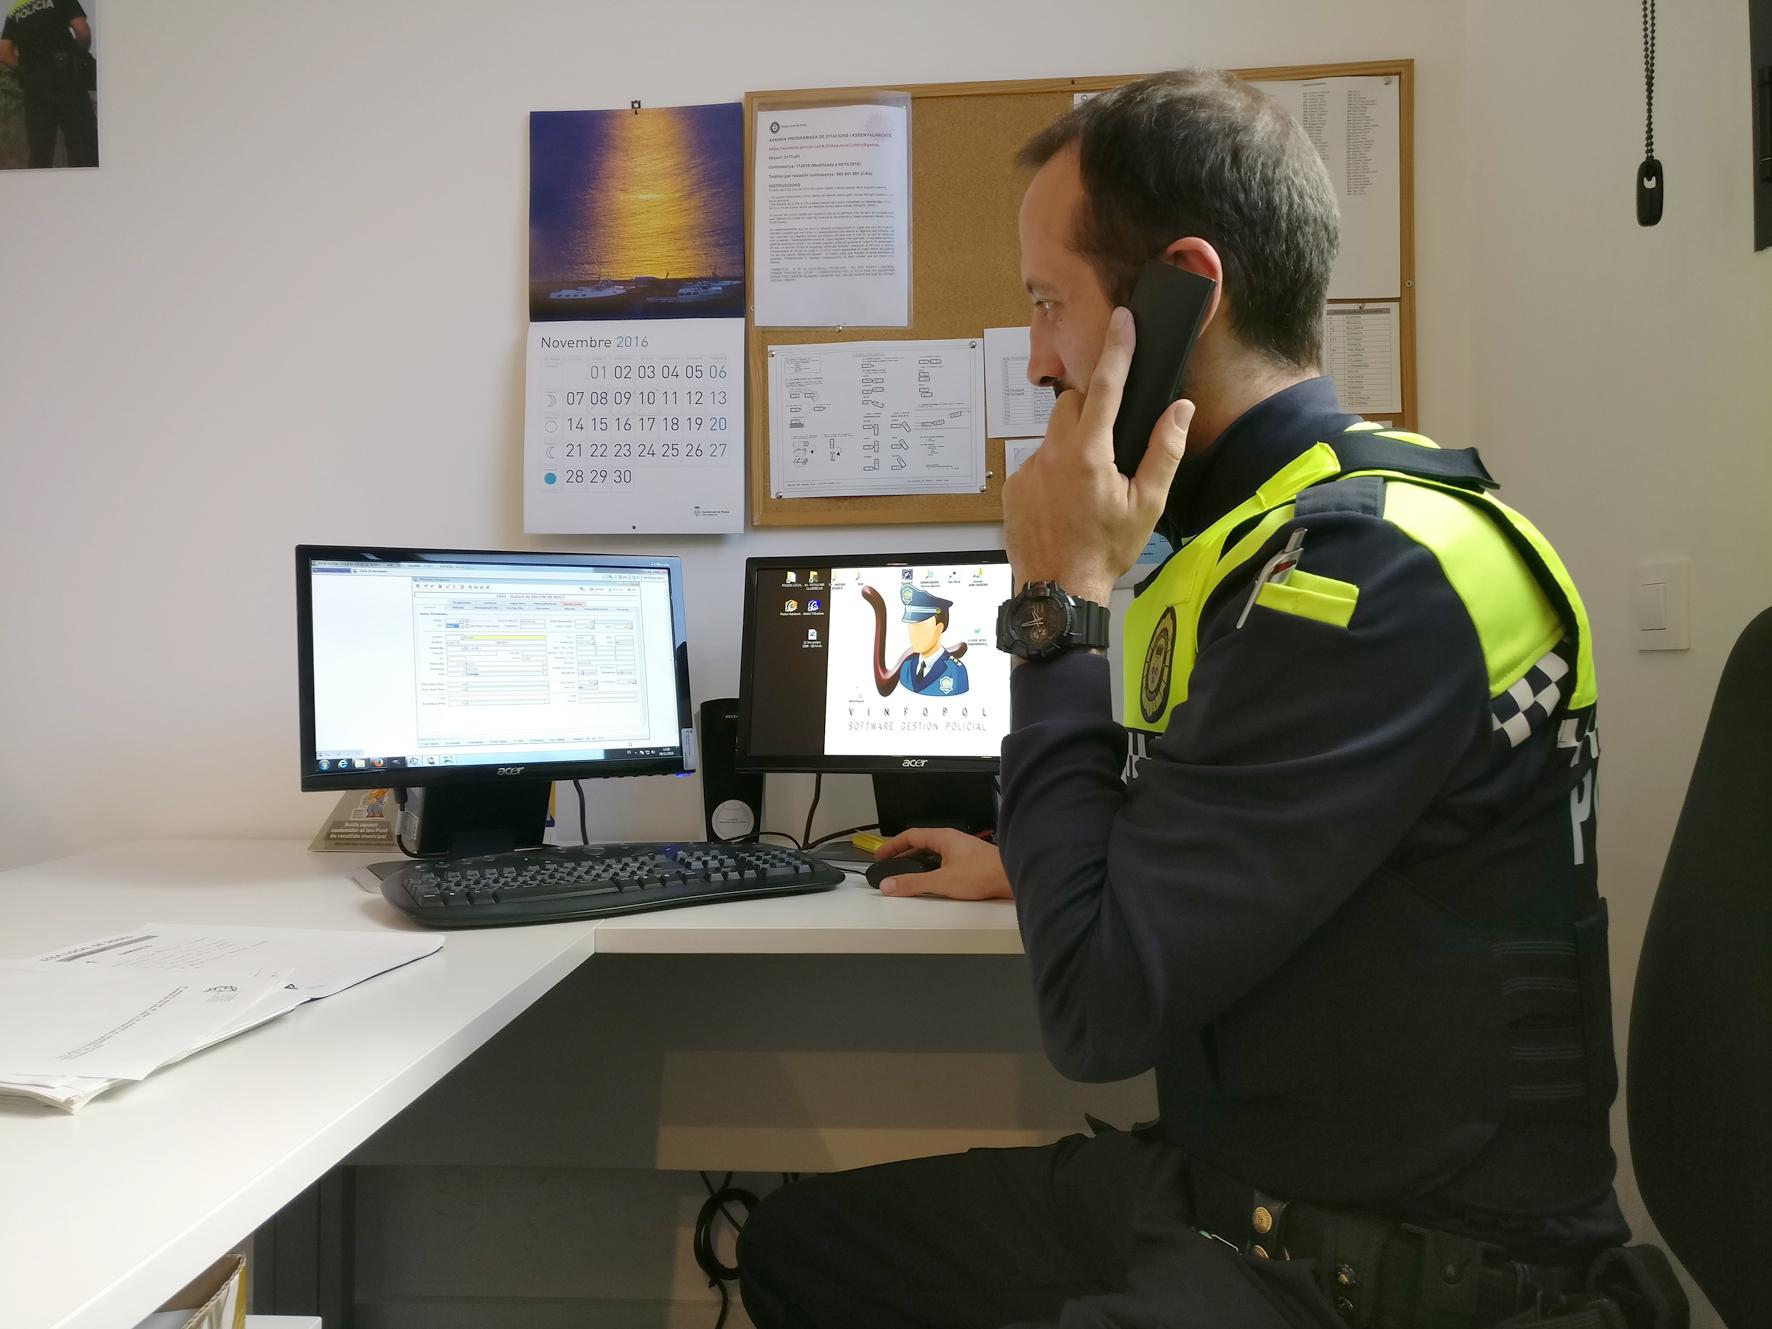 La Policia Local fa un salt tecnològic per agilitzar la seva gestió i oferir un servei més ràpid i eficaç